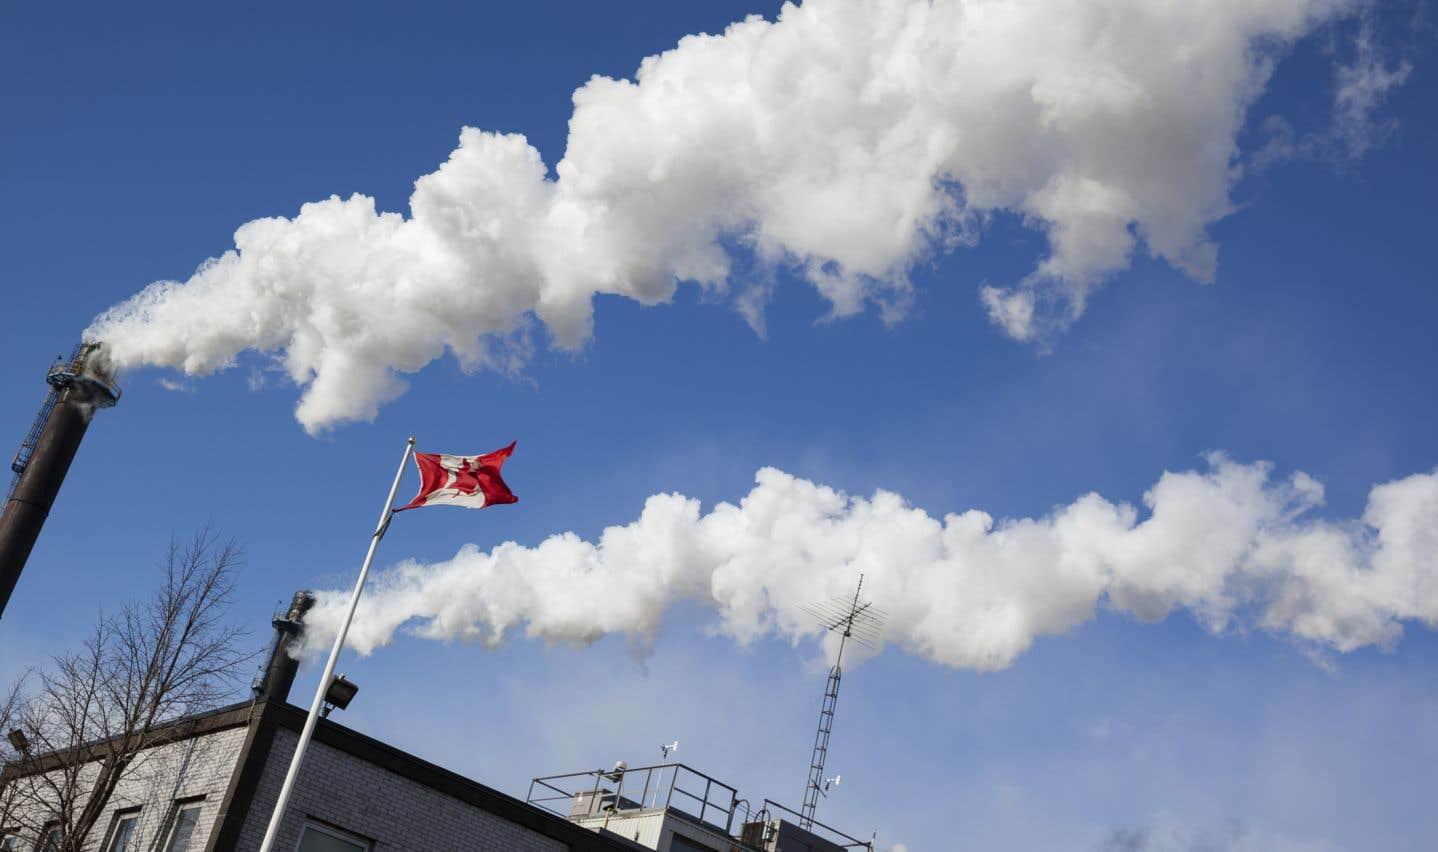 Le gouvernement libéral de l'Ontario a argué que les émissions de gaz à effet de serre sont rejetées dans l'atmosphère sans distinction entre une province ou l'autre, et qu'il importe peu de quel territoire elles émanent.